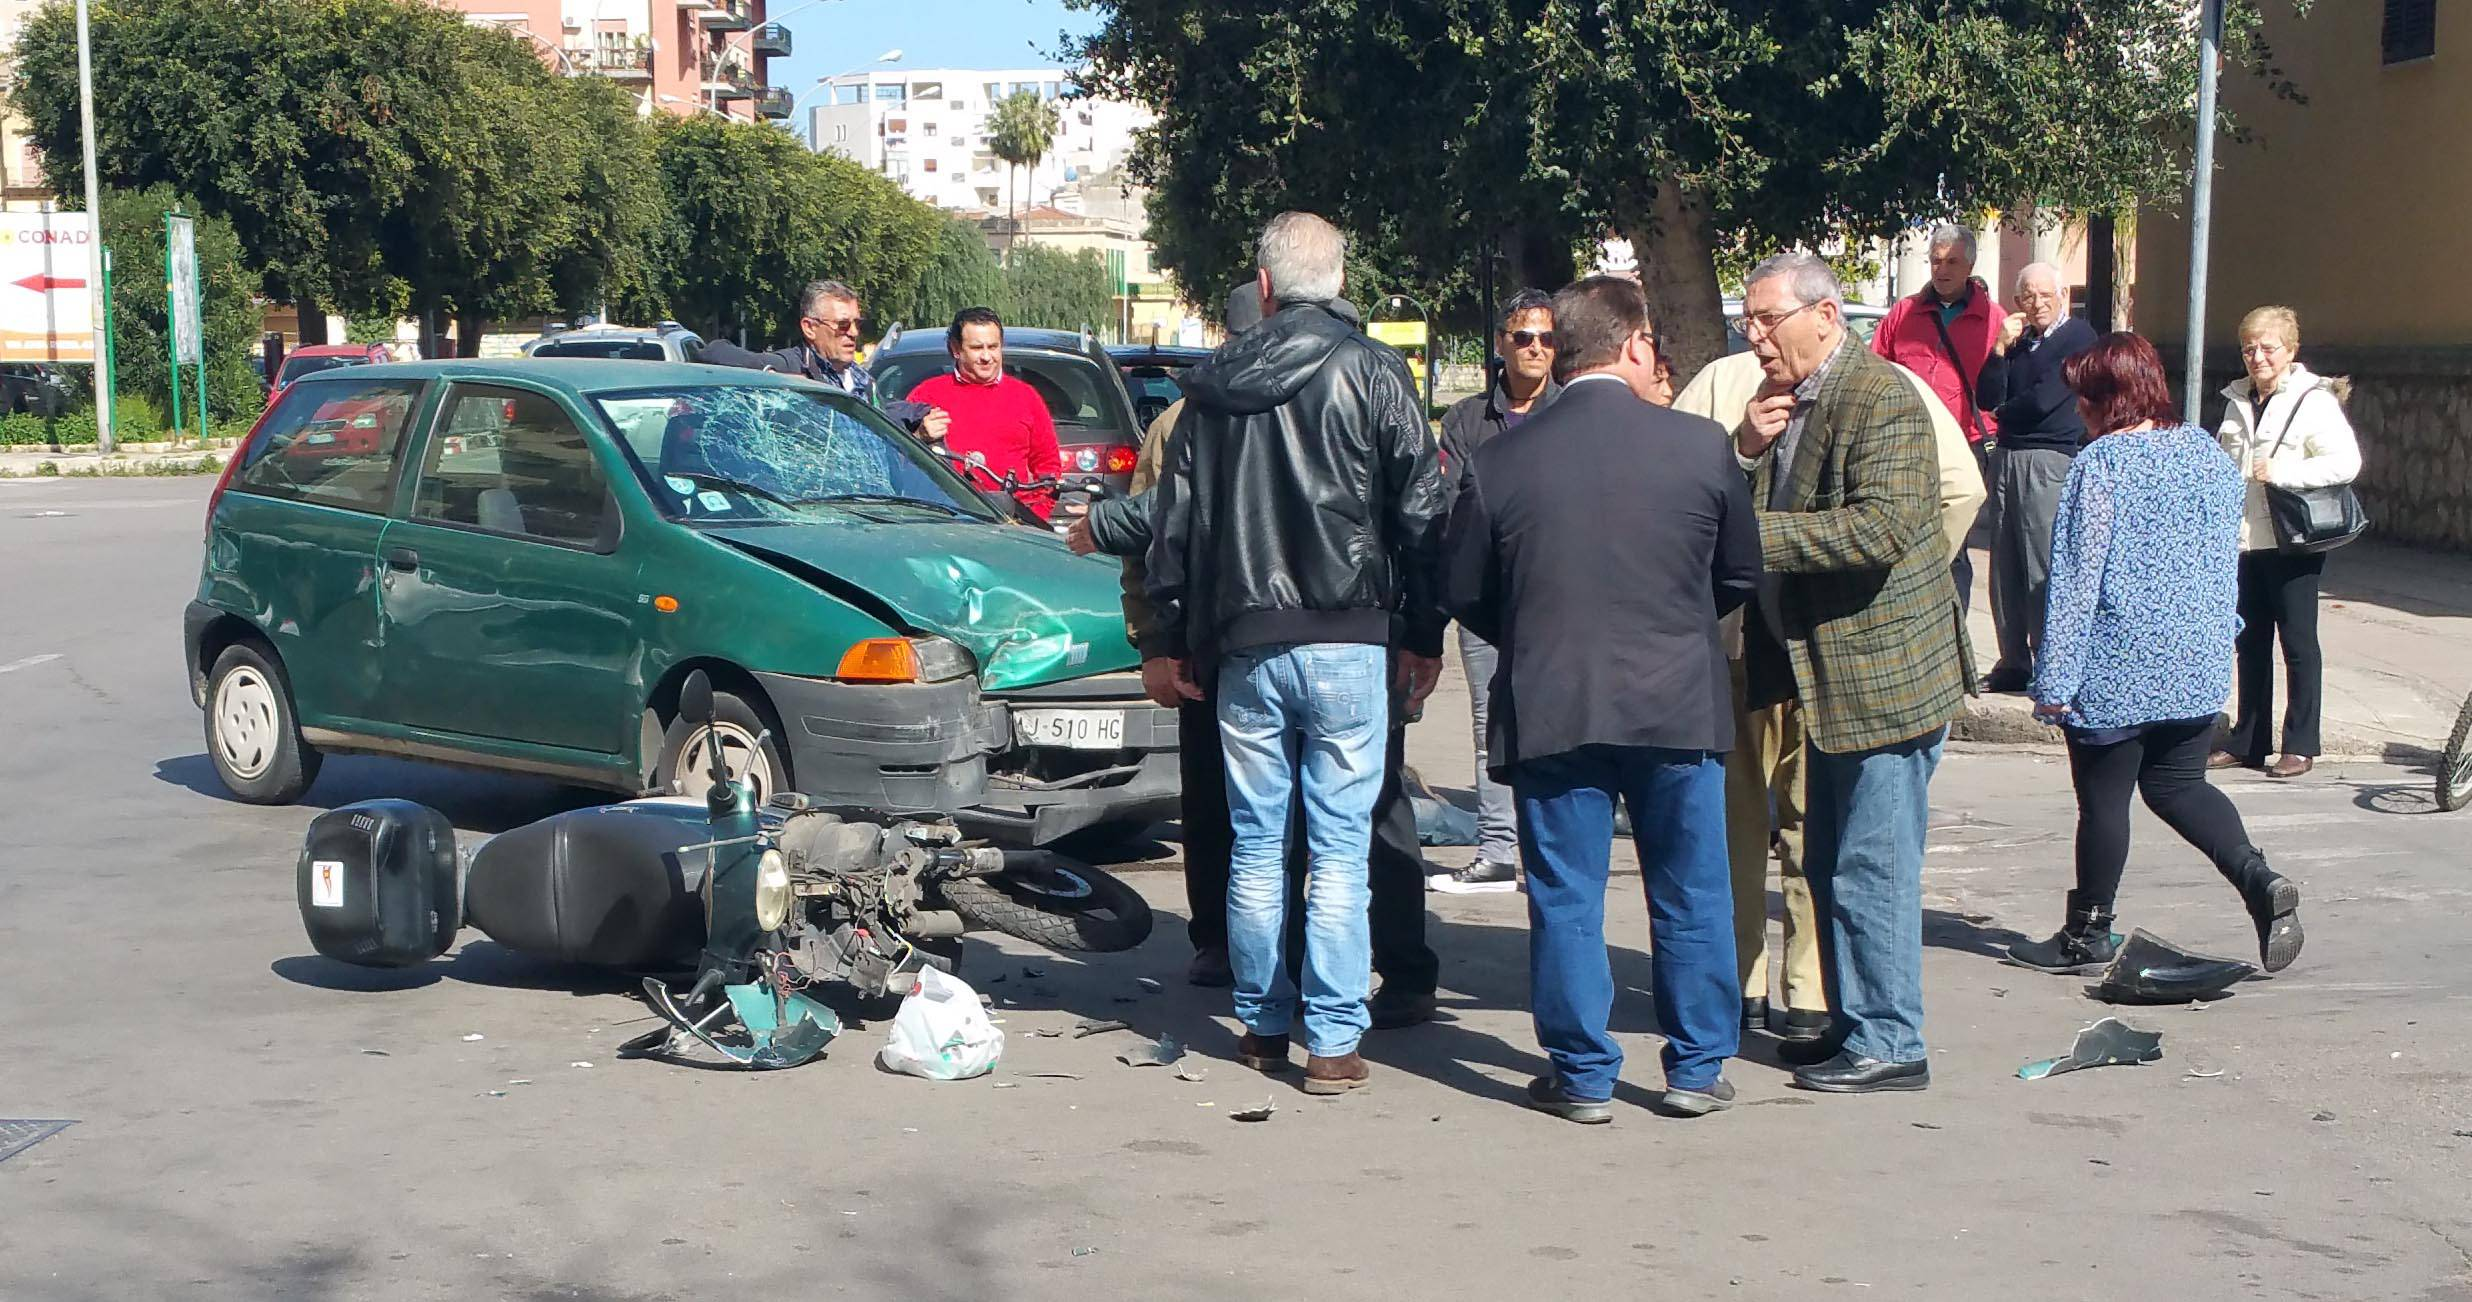 Incidente a Roma. Muore il papà, grave il figlio di 6 anni